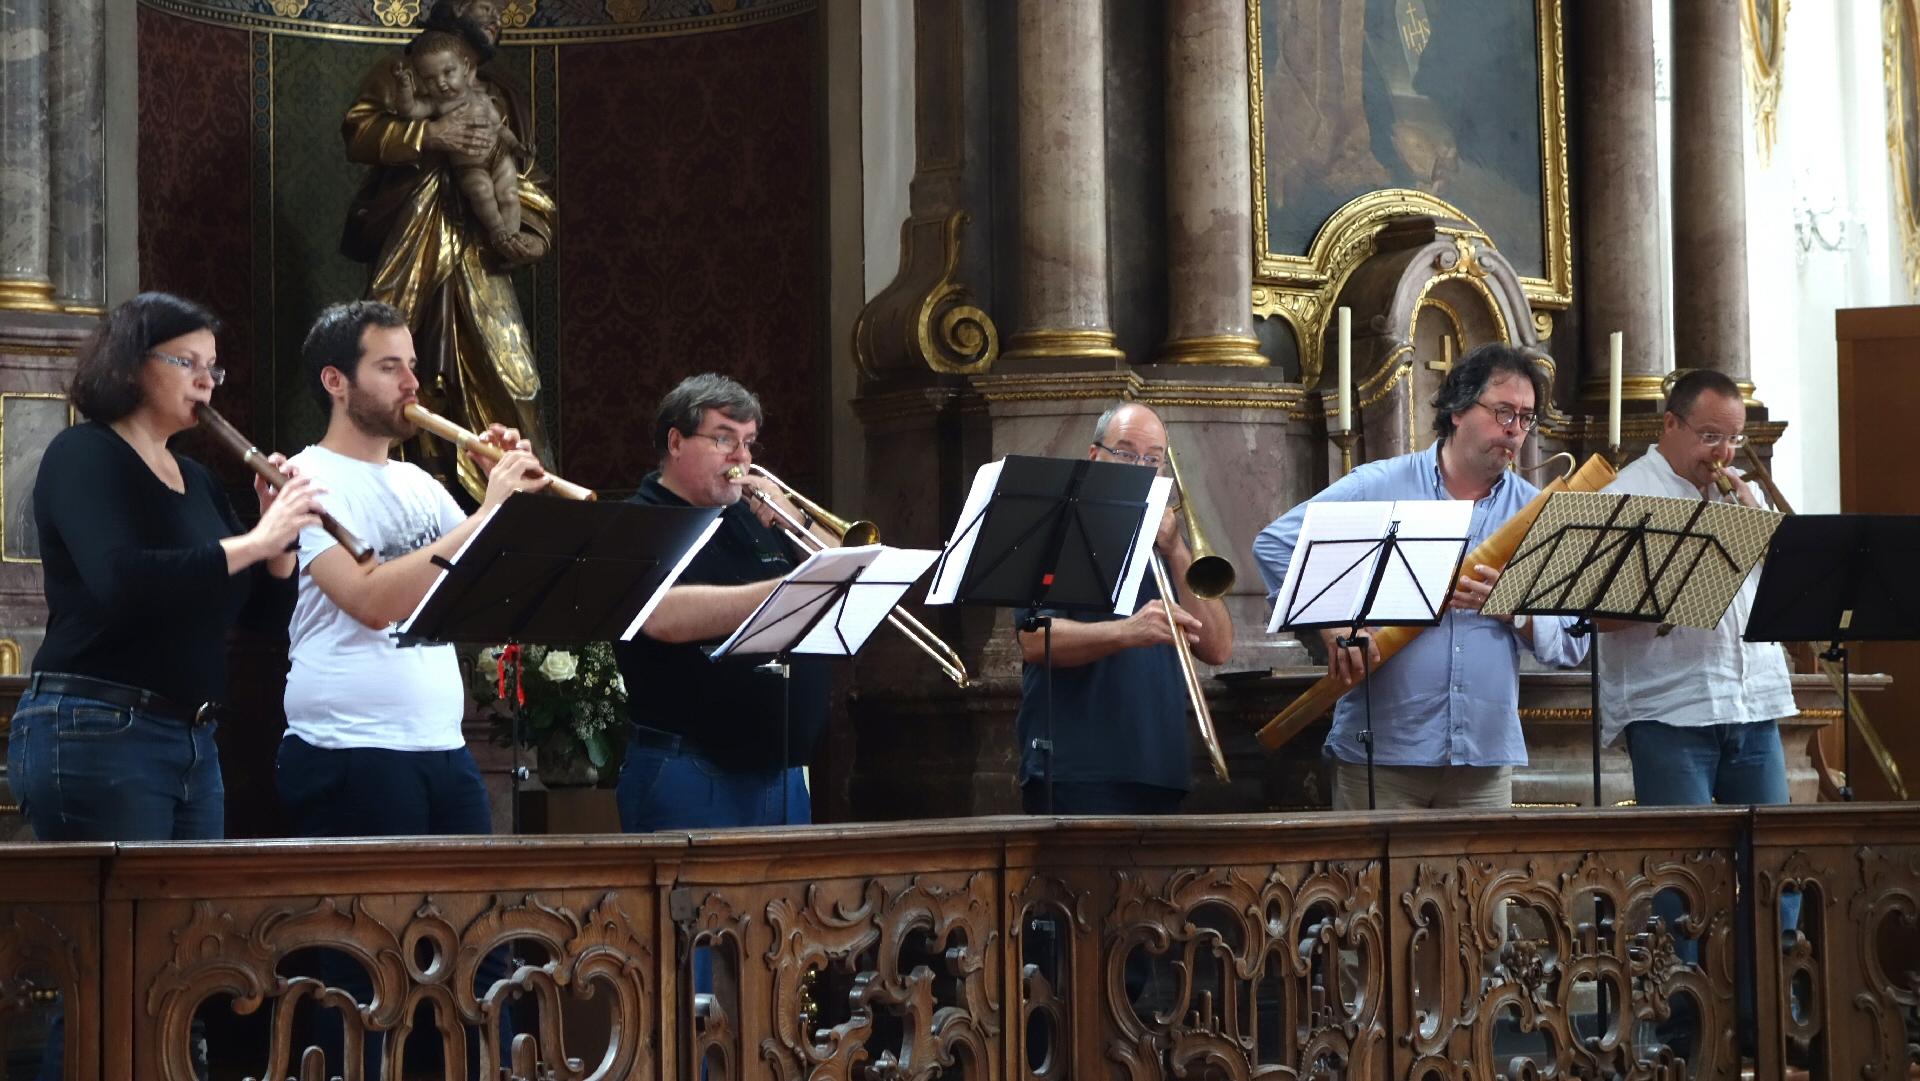 Kurs für Alte Musik Mainz 9-2016 (04)